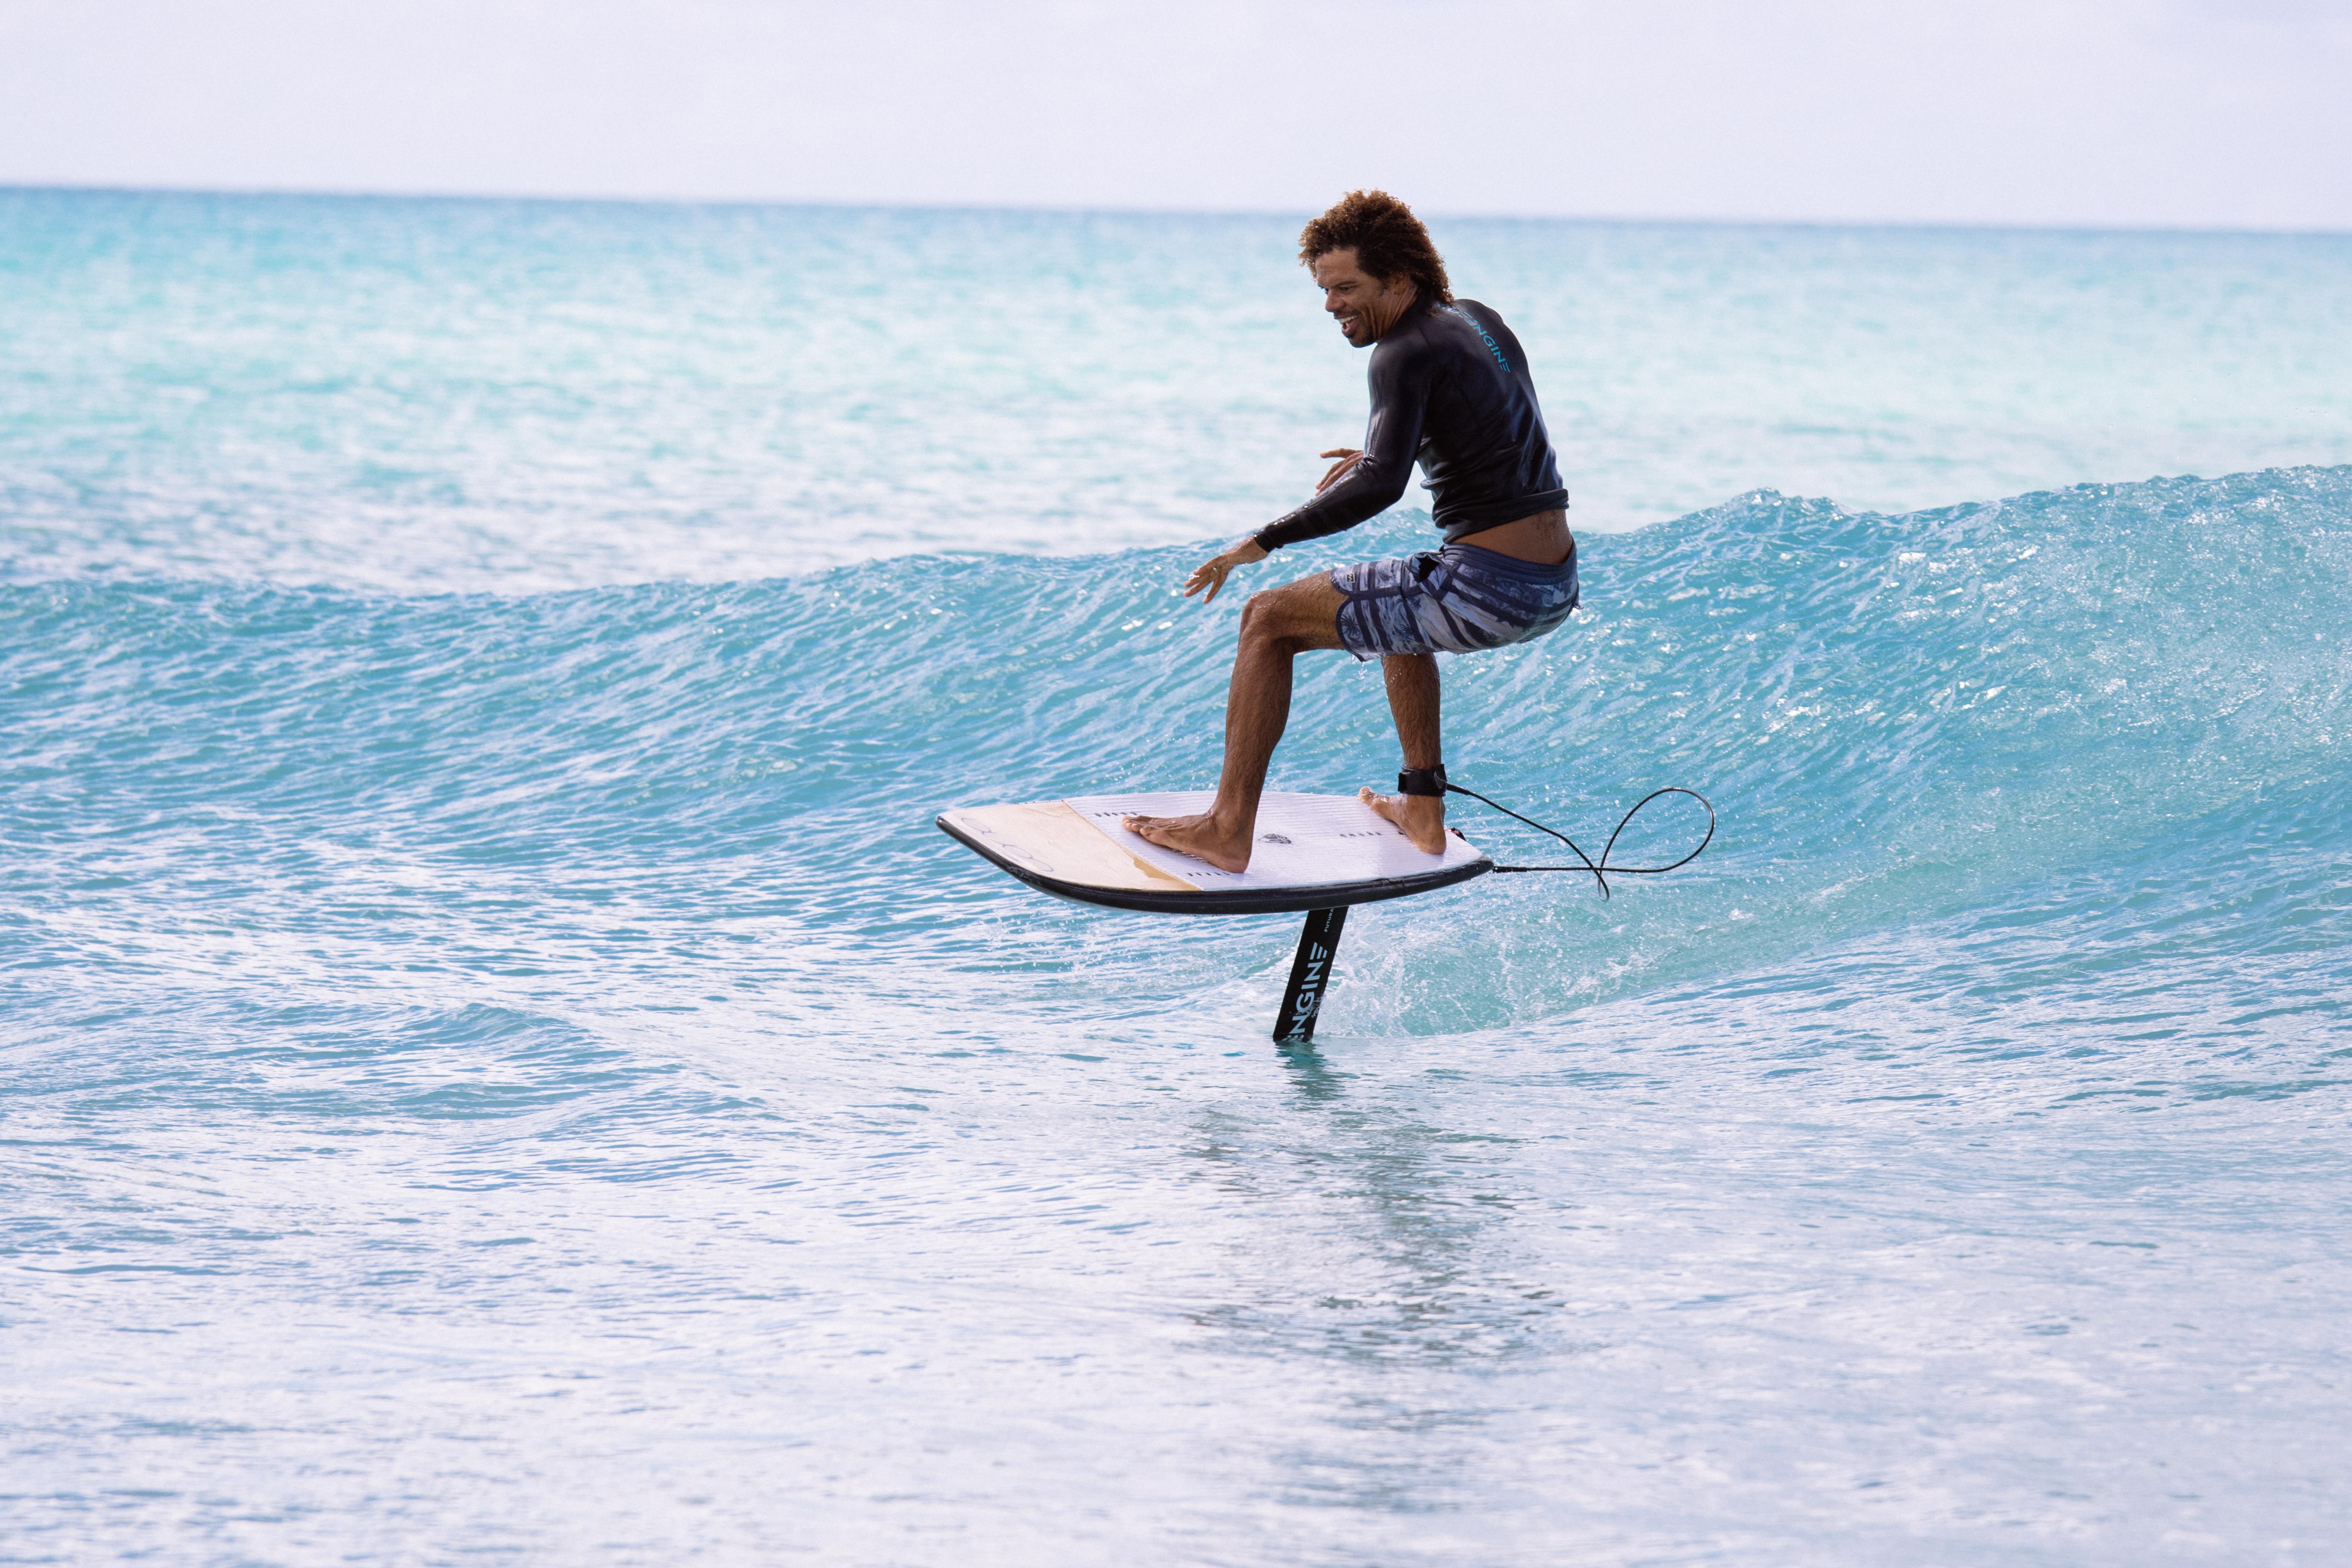 dre foil surfing